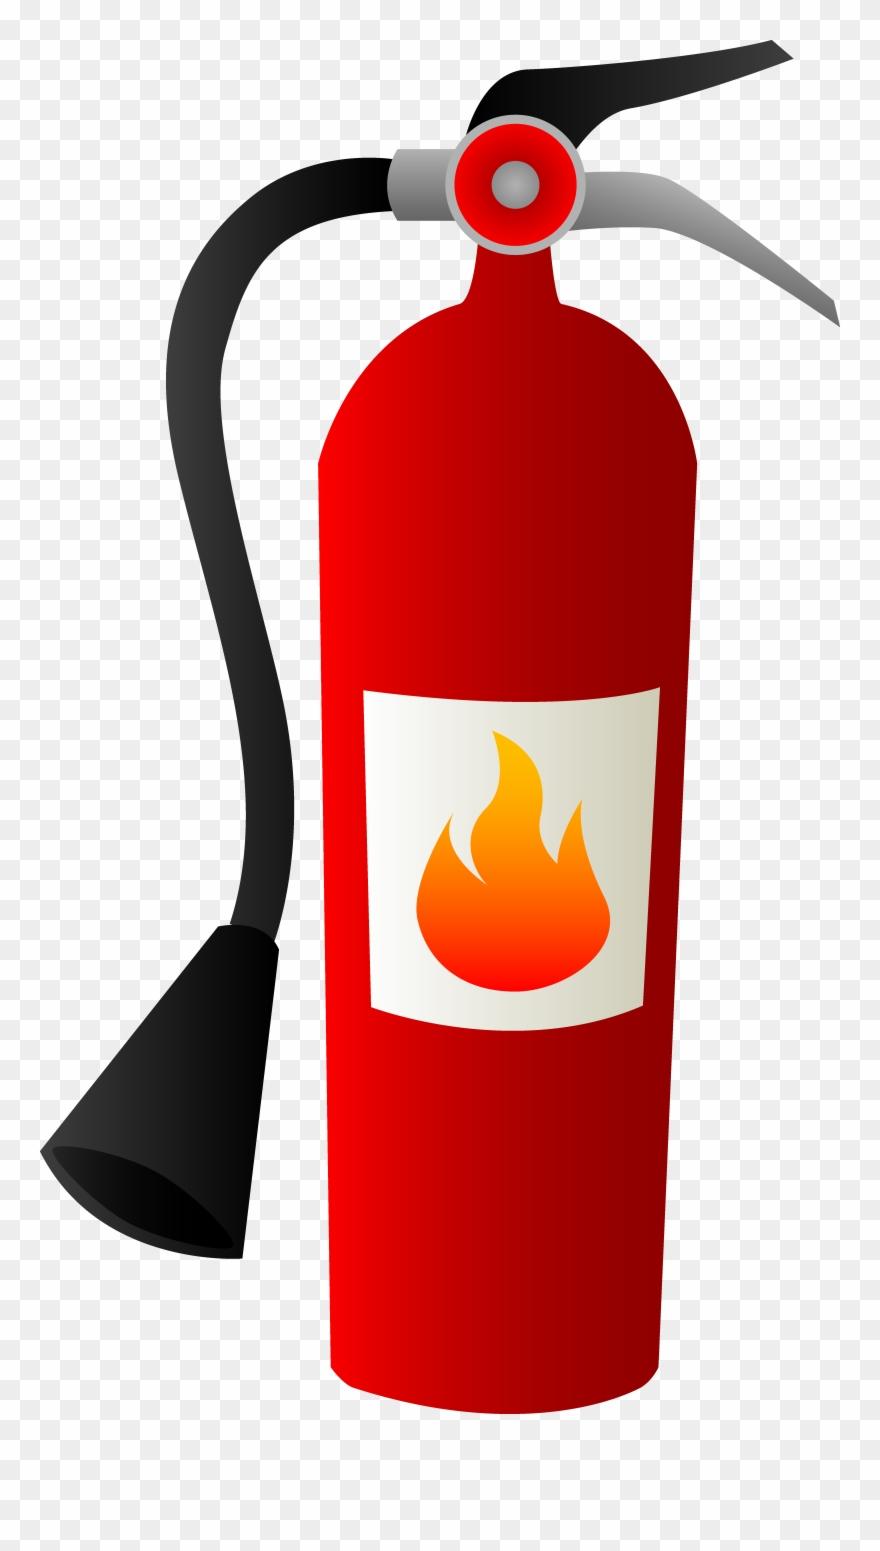 Kitchen Fire Safety Clip Art.